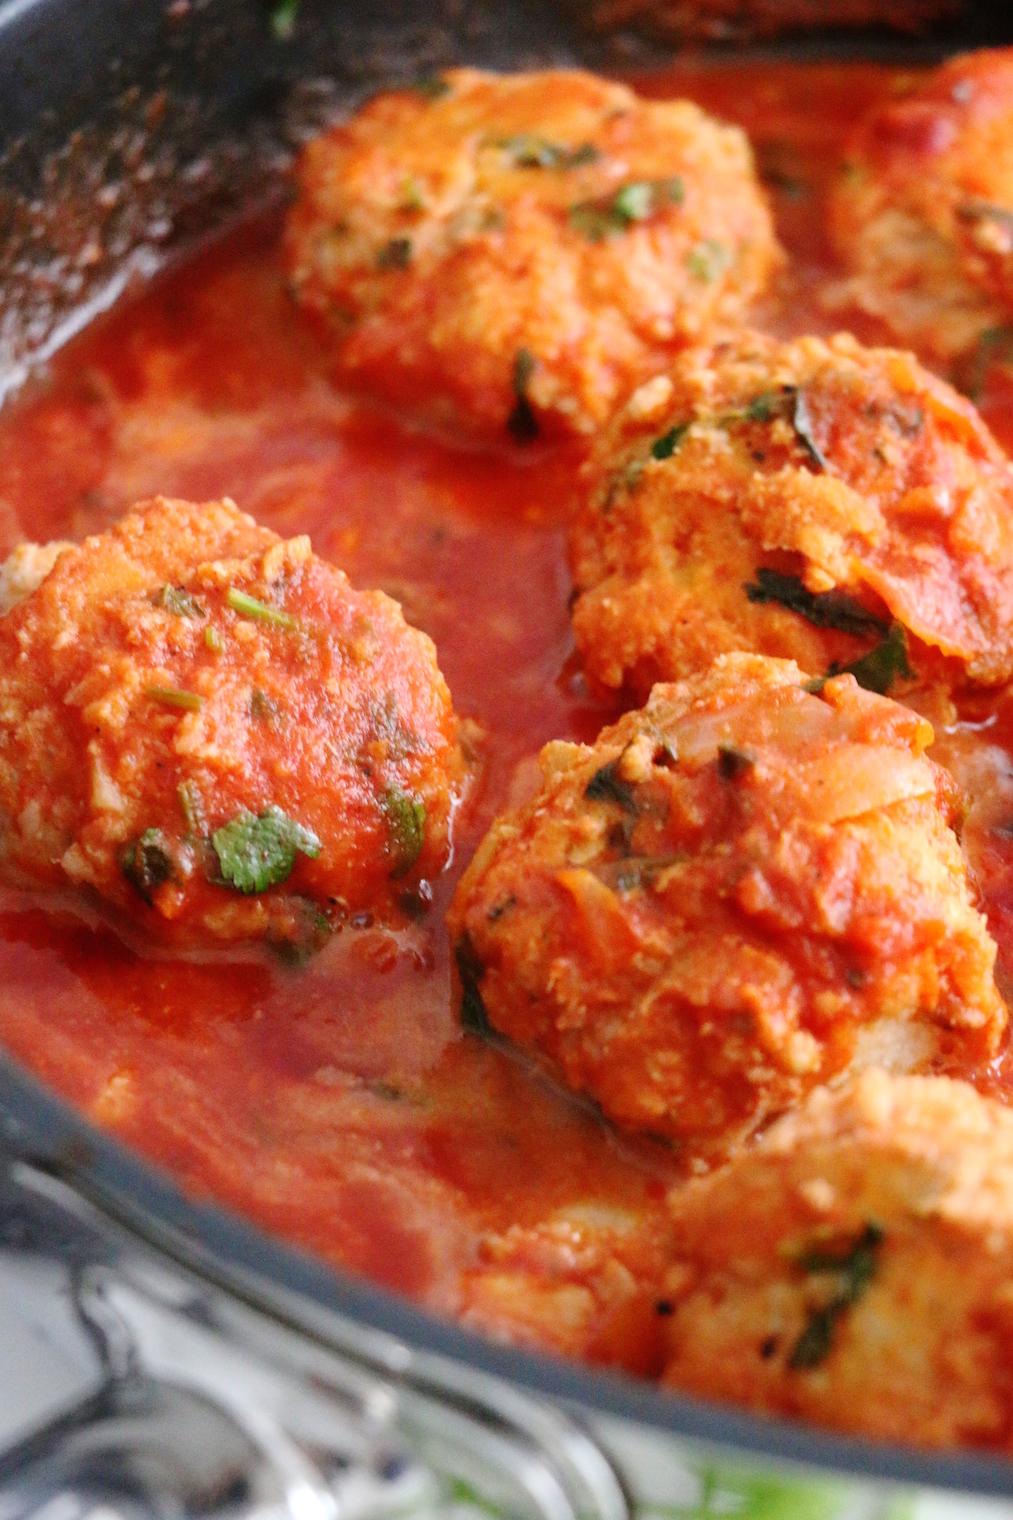 coriander fish balls in tomato sauce | www.savormania.com